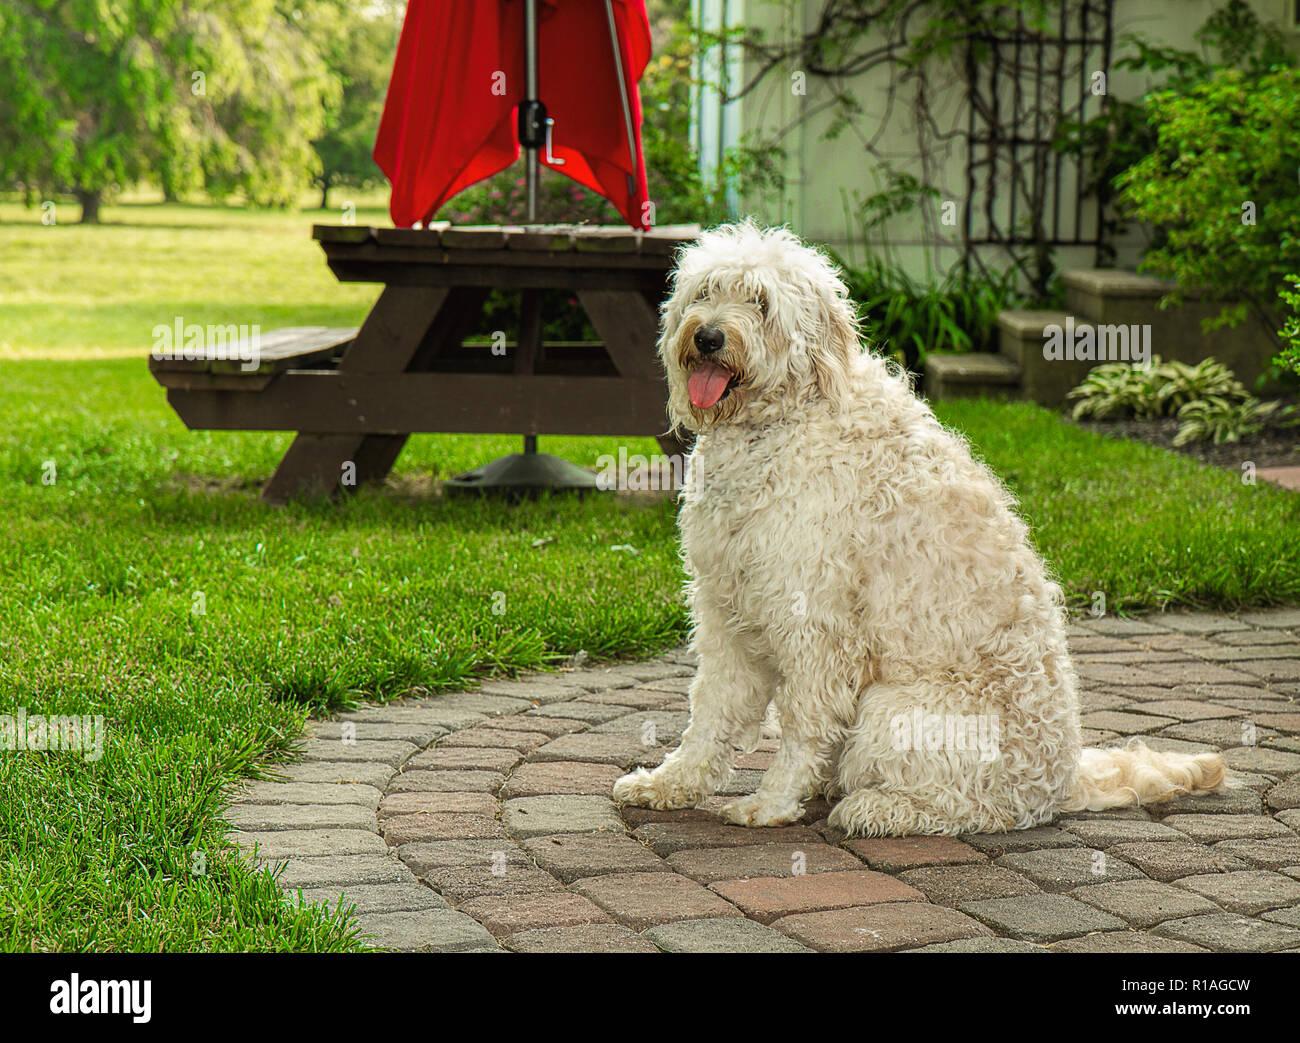 White Shaggy Golden Doodle Dog enjoying the outdoors Stock